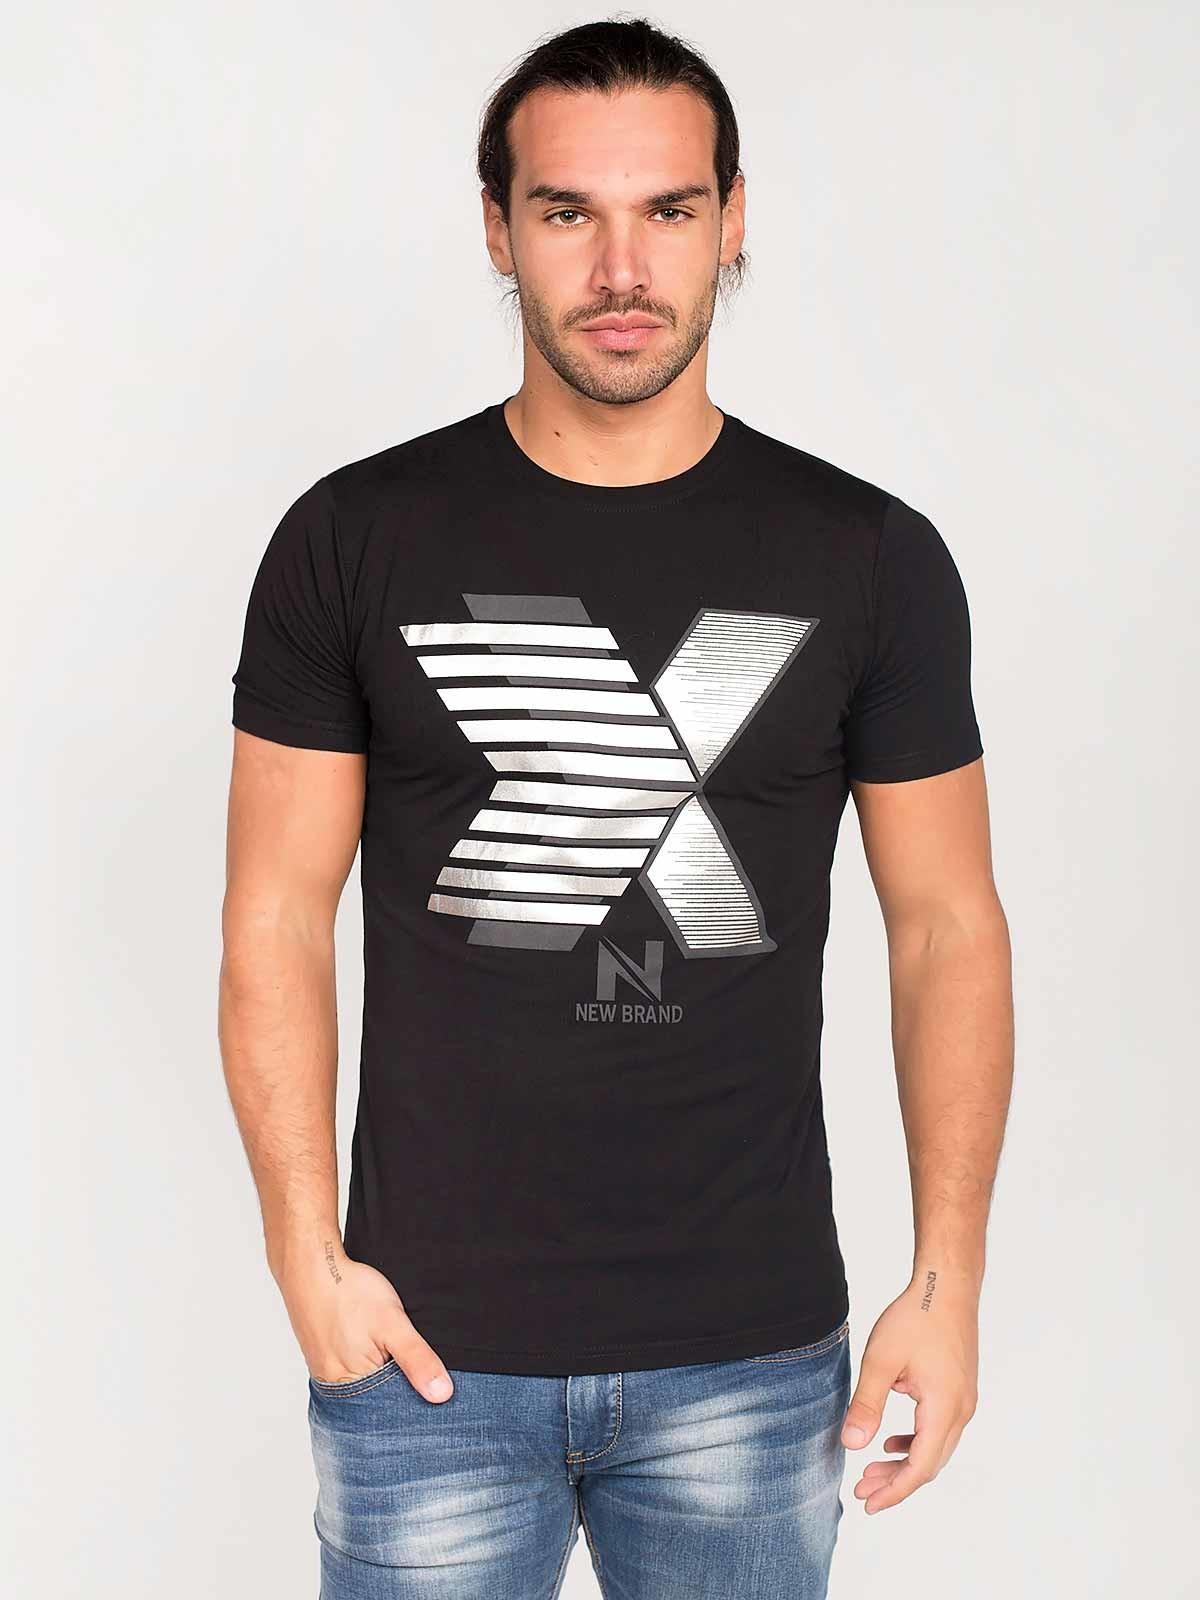 Camiseta manga corta New Brand